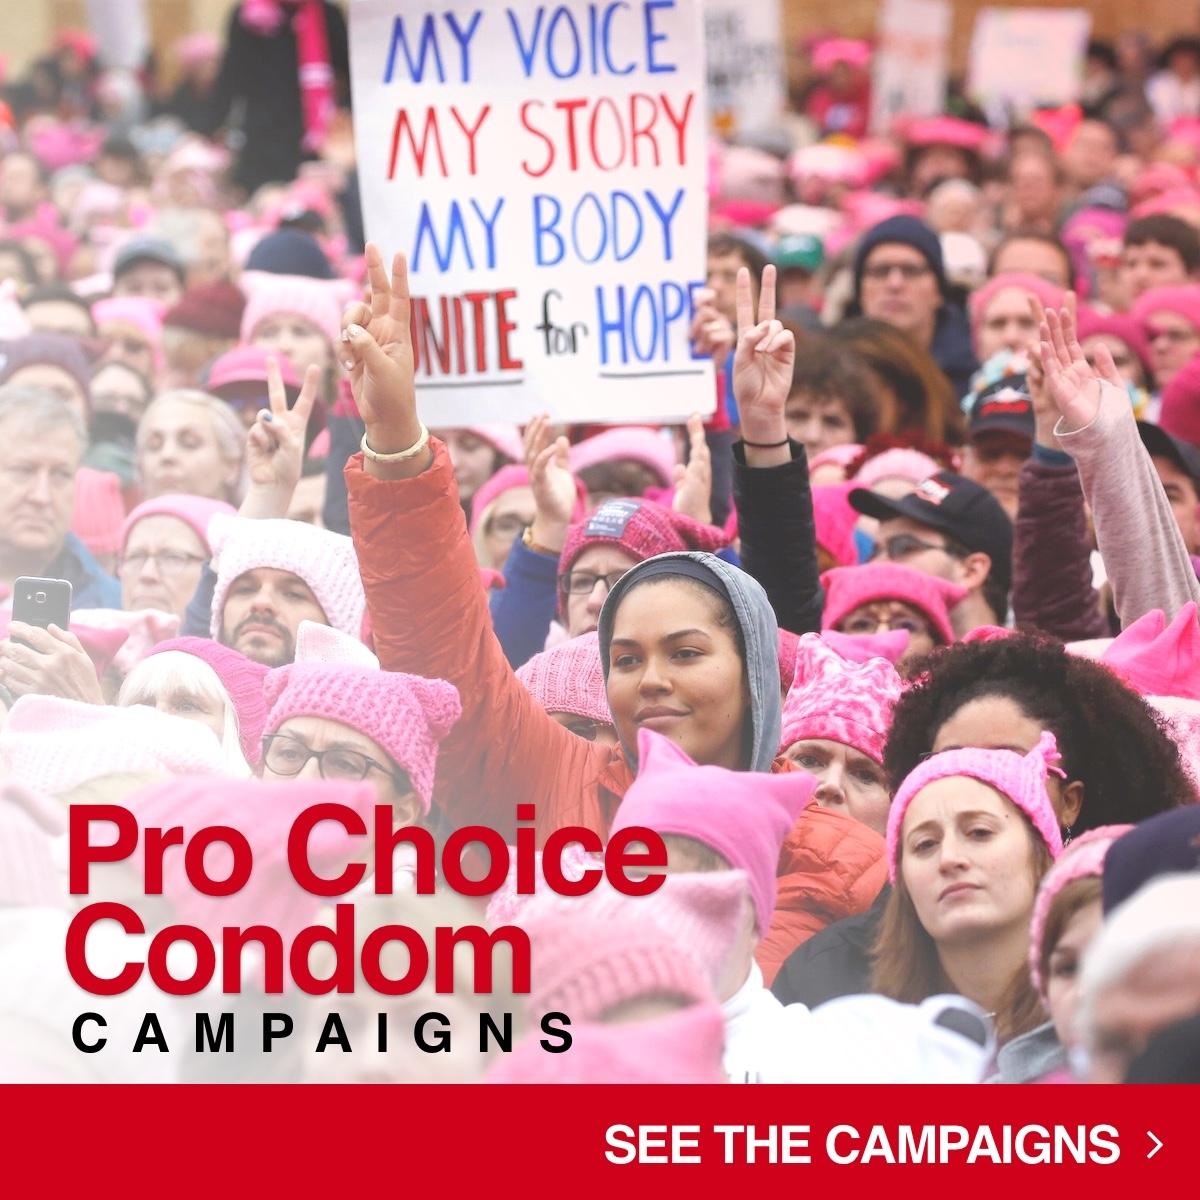 Pro-Choice Condoms